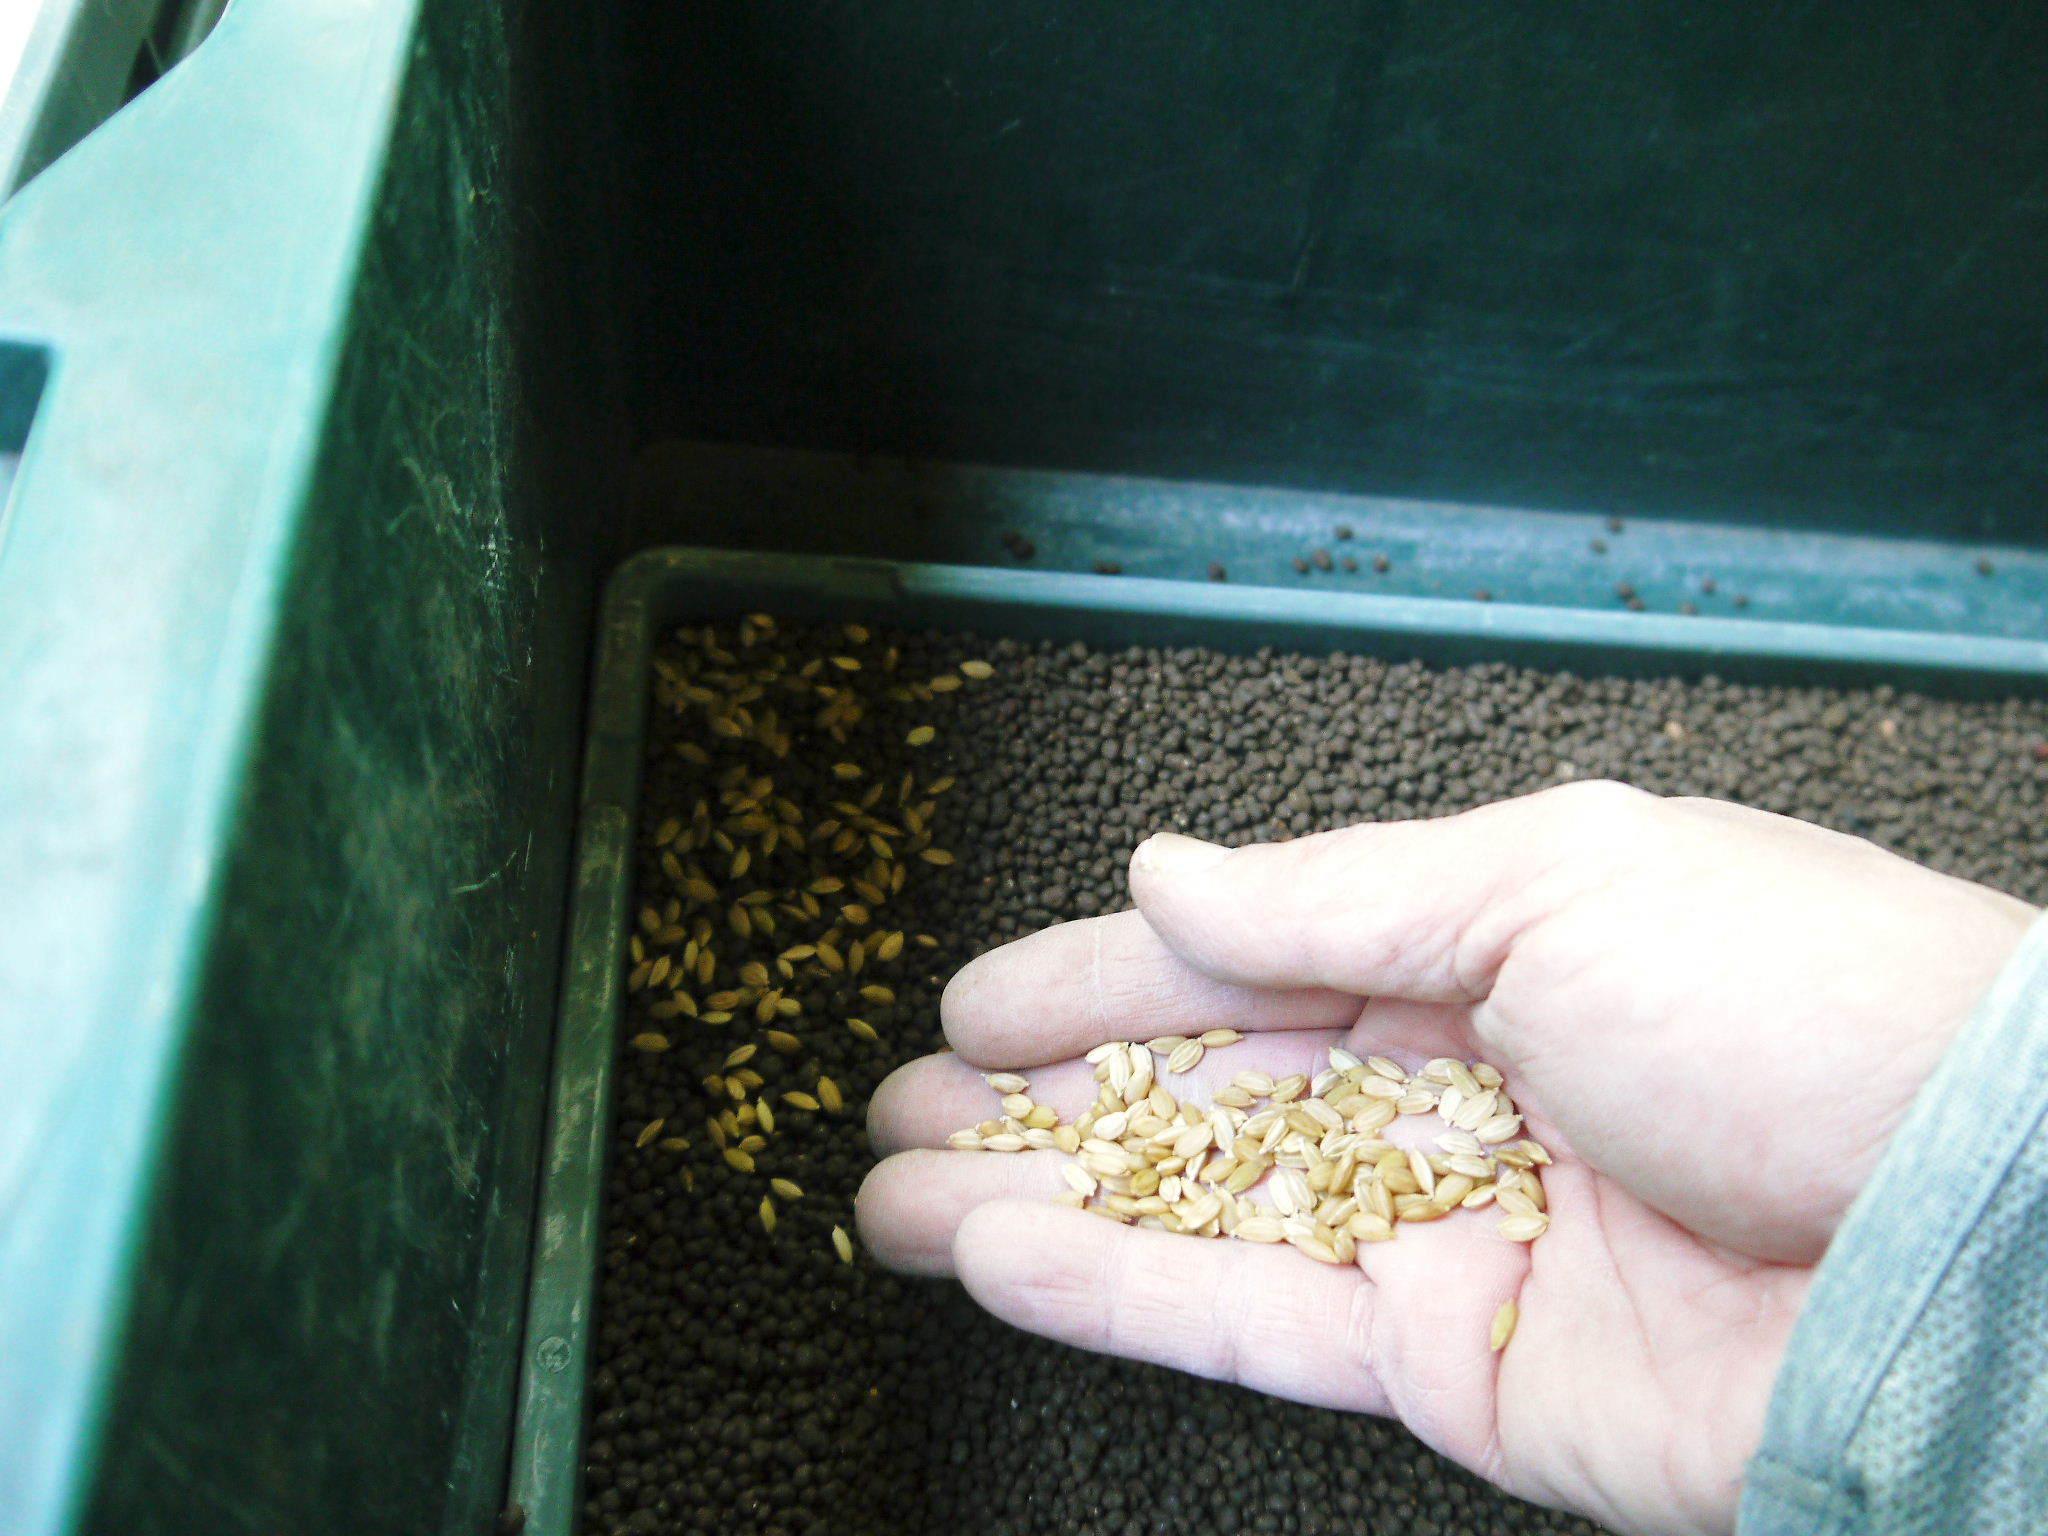 米作りの挑戦(2021年) 苗床をしました!今年も自給自足のために米作り頑張ります!_a0254656_18065232.jpg